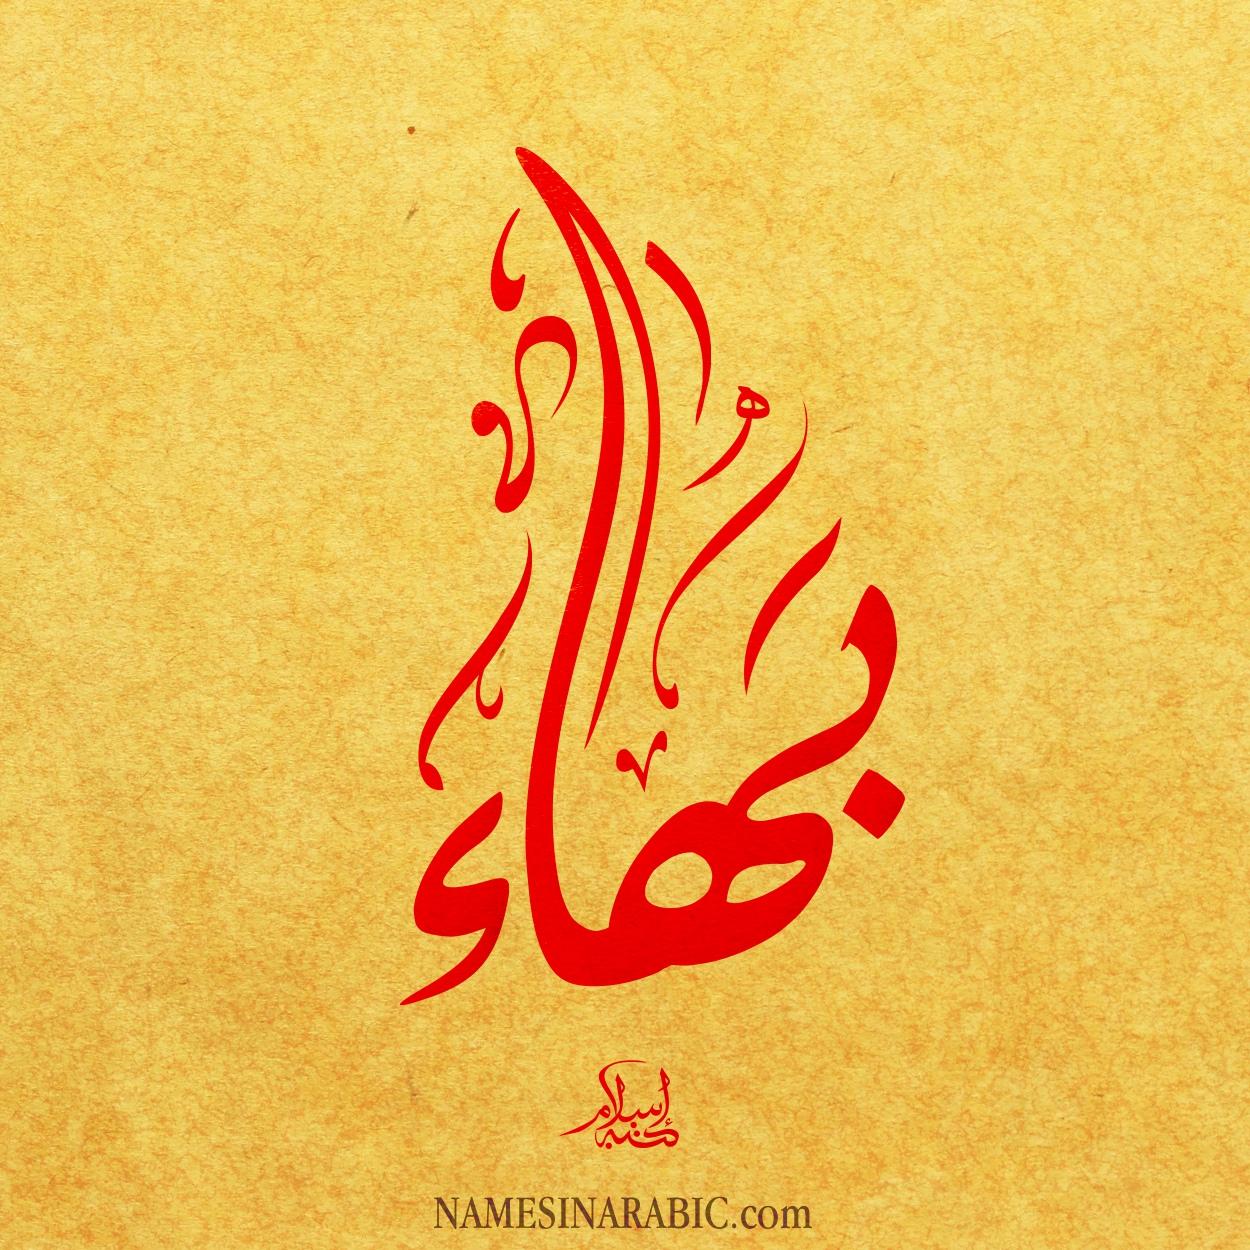 صورة اسم بَهاء Bahaa اسم بَهاء بالخط العربي من موقع الأسماء بالخط العربي بريشة الفنان إسلام ابن الفضل